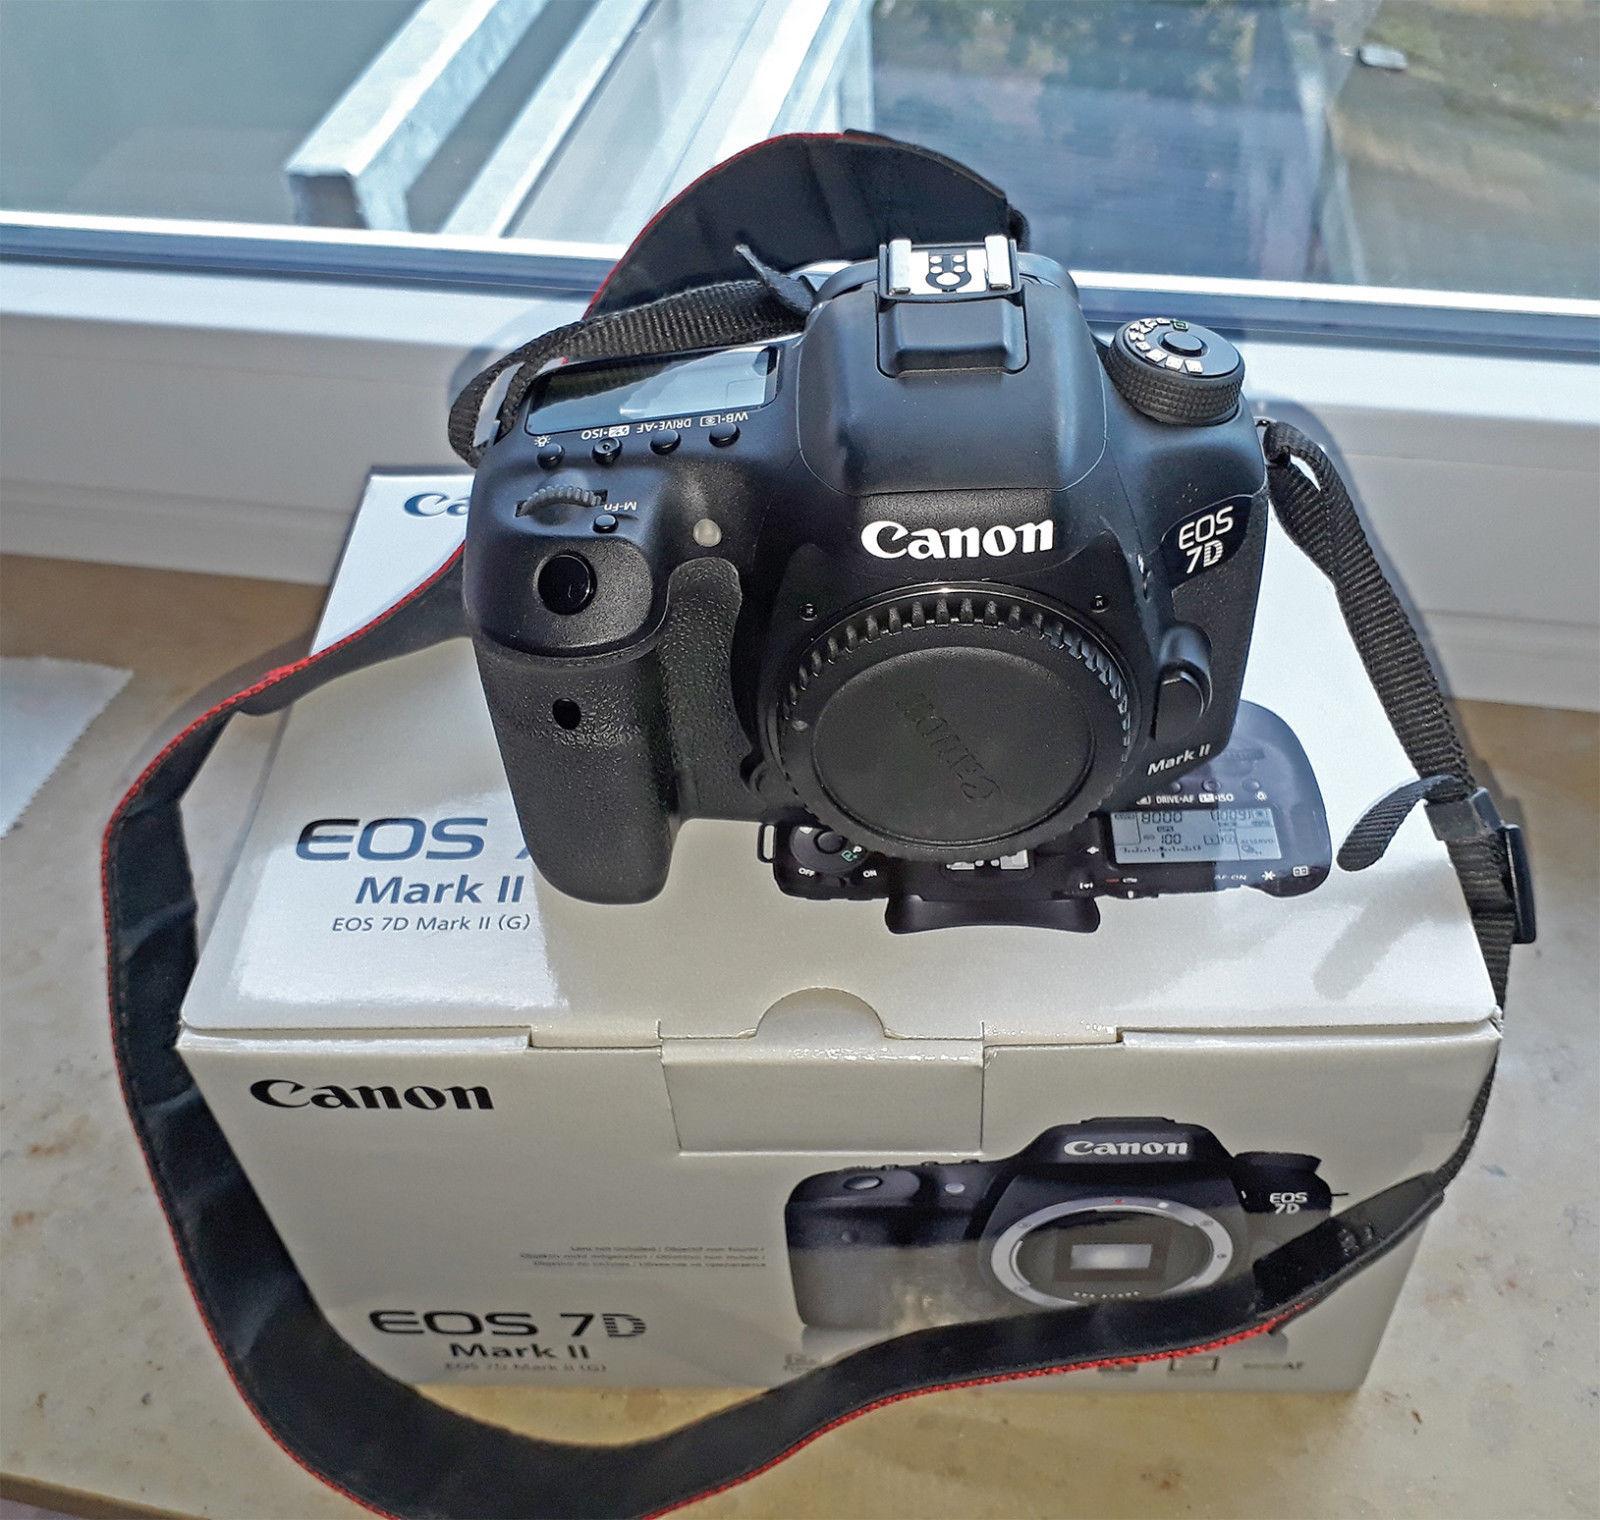 Canon EOS 7D Mark II 20.2 MP Digitalkamera - Schwarz (Nur Gehäuse / Body only)